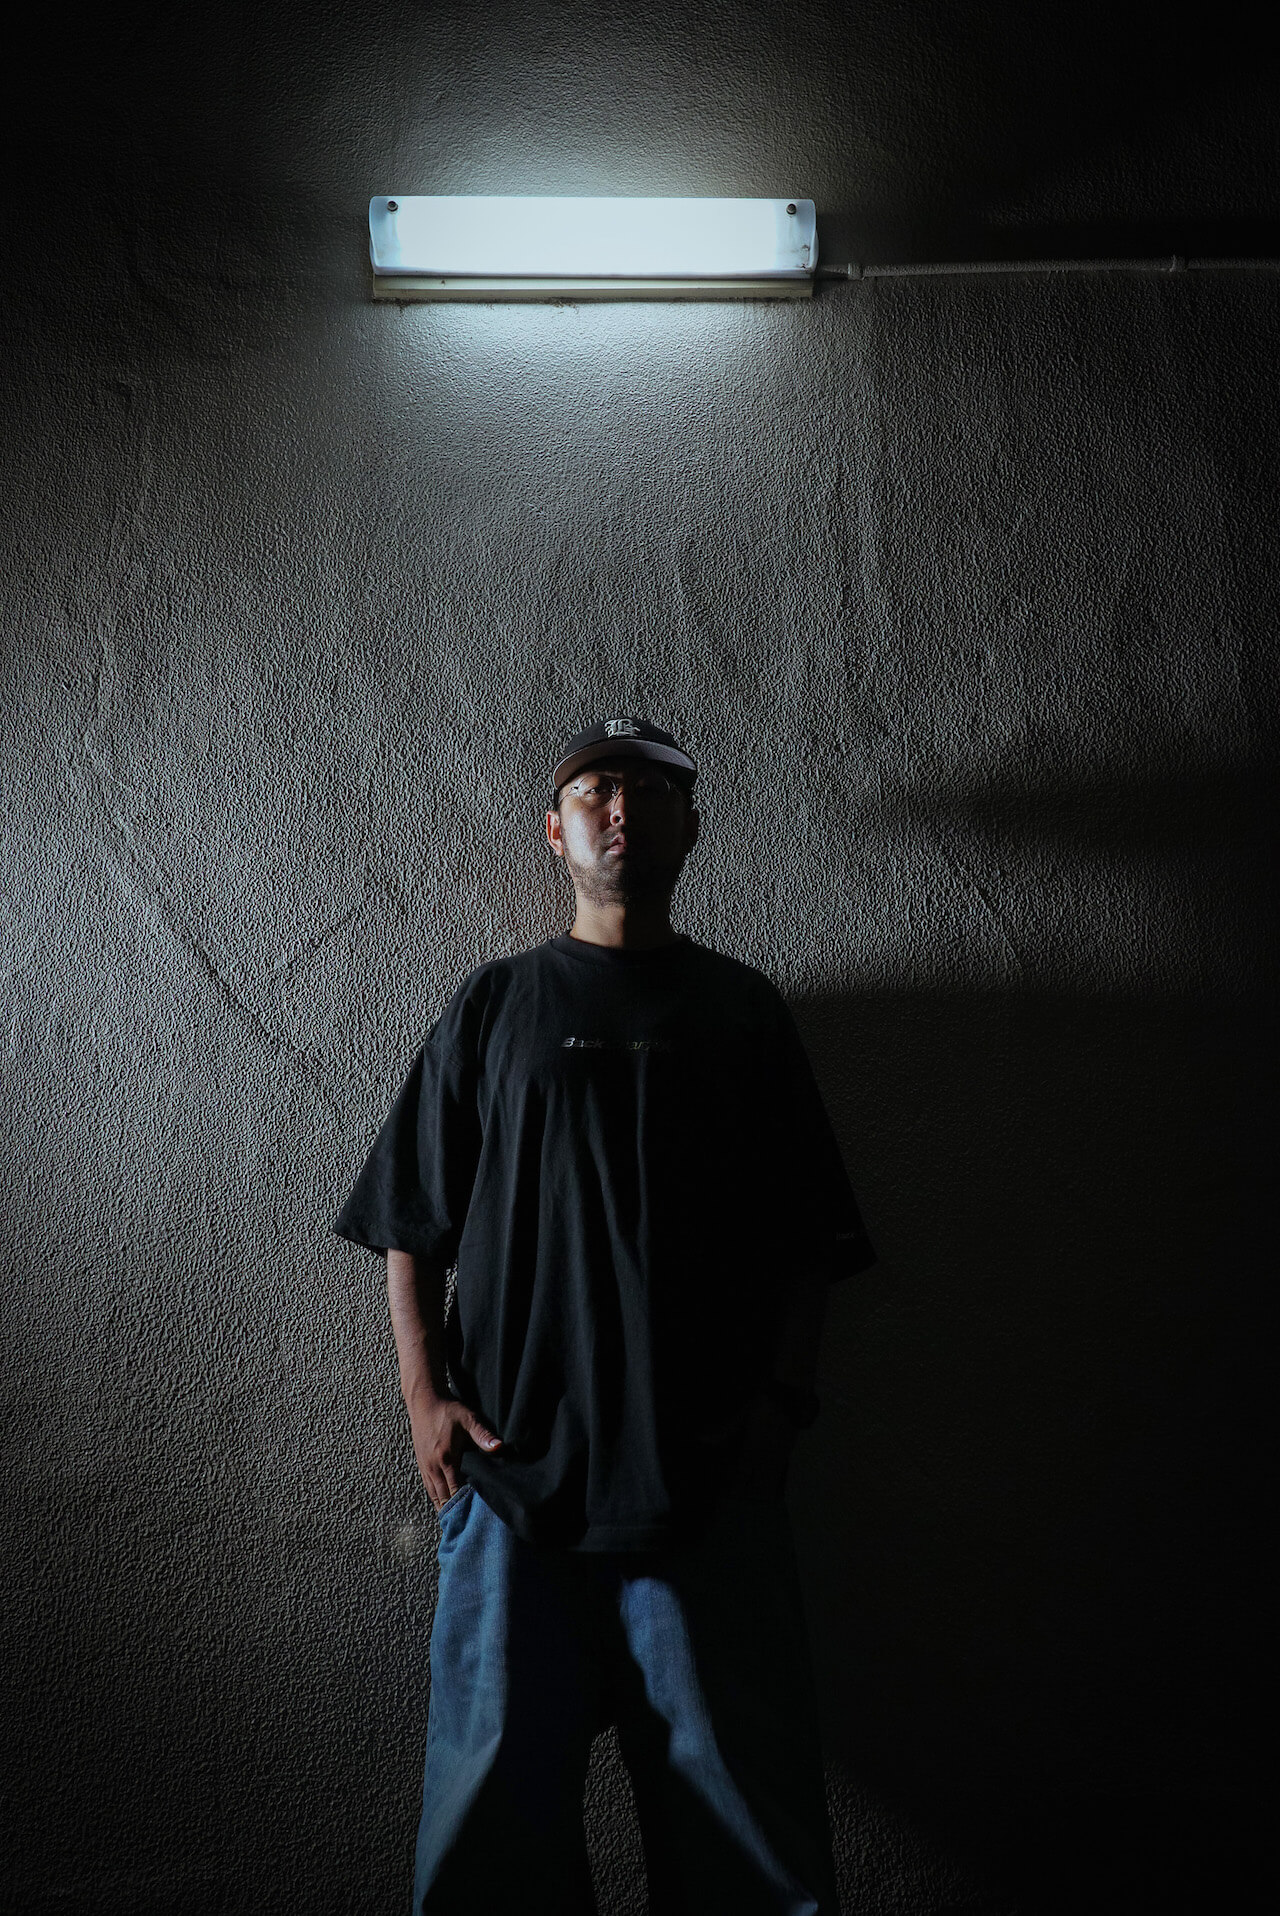 N.E.Nでも知られるMULBEの1stフルALがリリース決定|仙人掌、MILES WORD、T2K、MEGA-G、B.D.が参加 music201021-mulbe-3